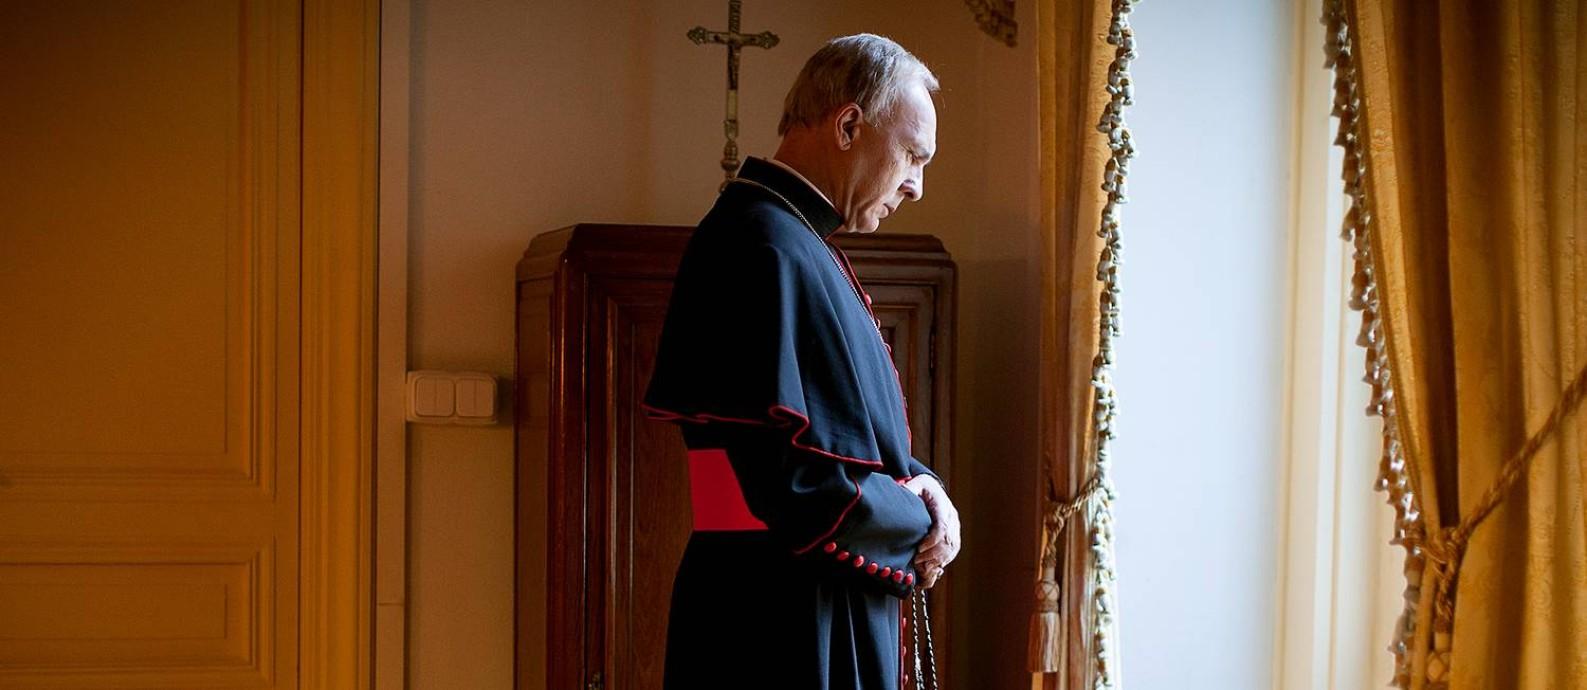 Cena do filme 'Papa Francisco', que estreia quinta-feira no Brasil Foto: Divulgação